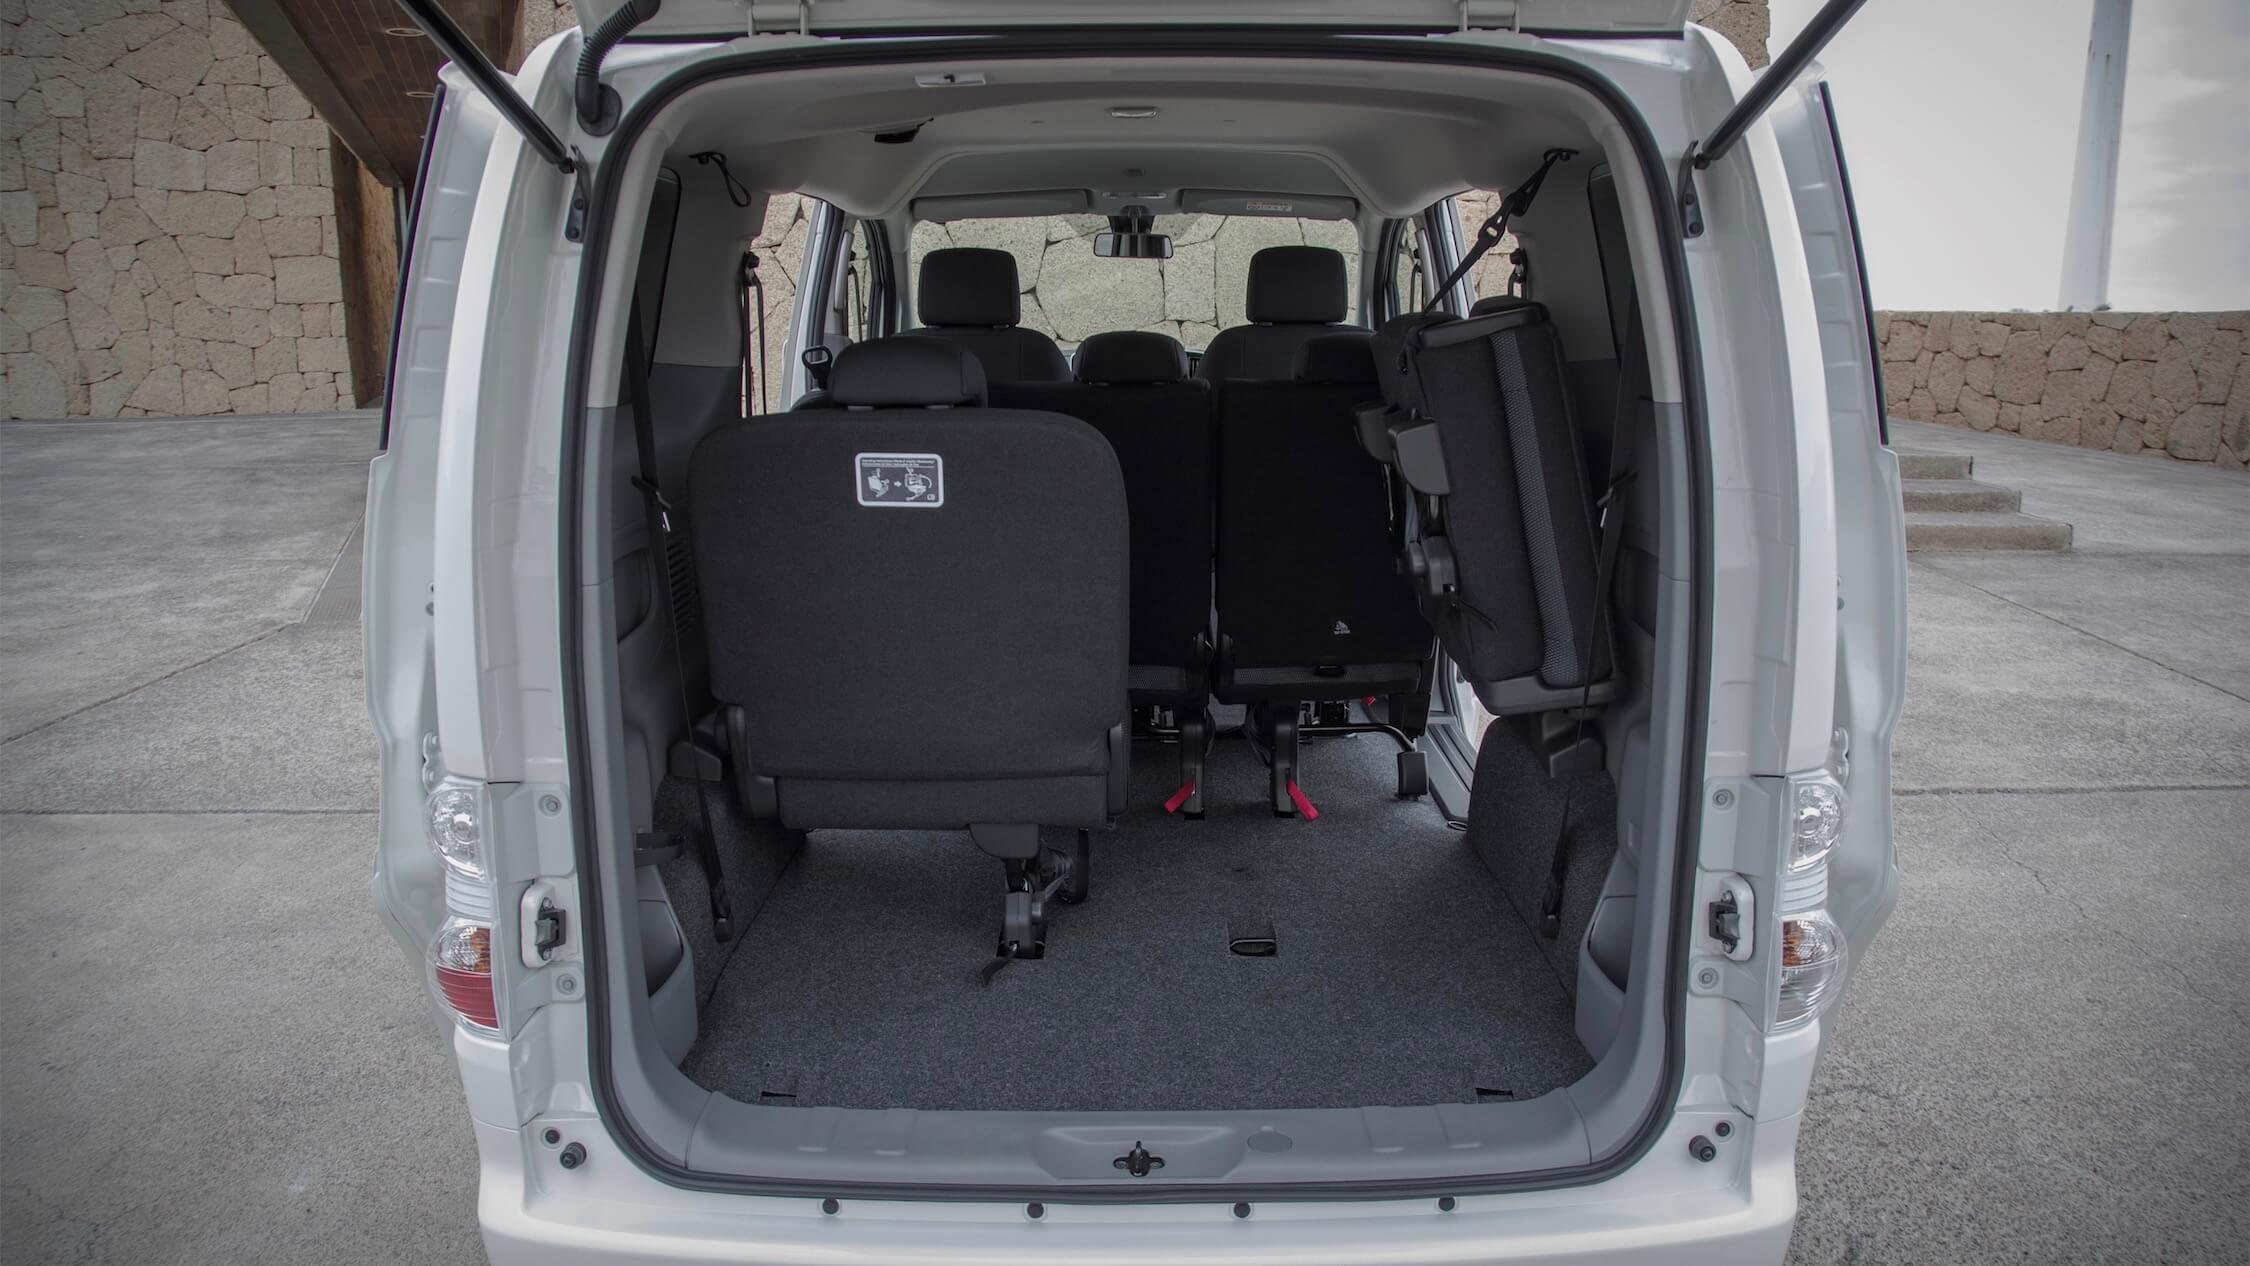 Nissan e-NV200 mala